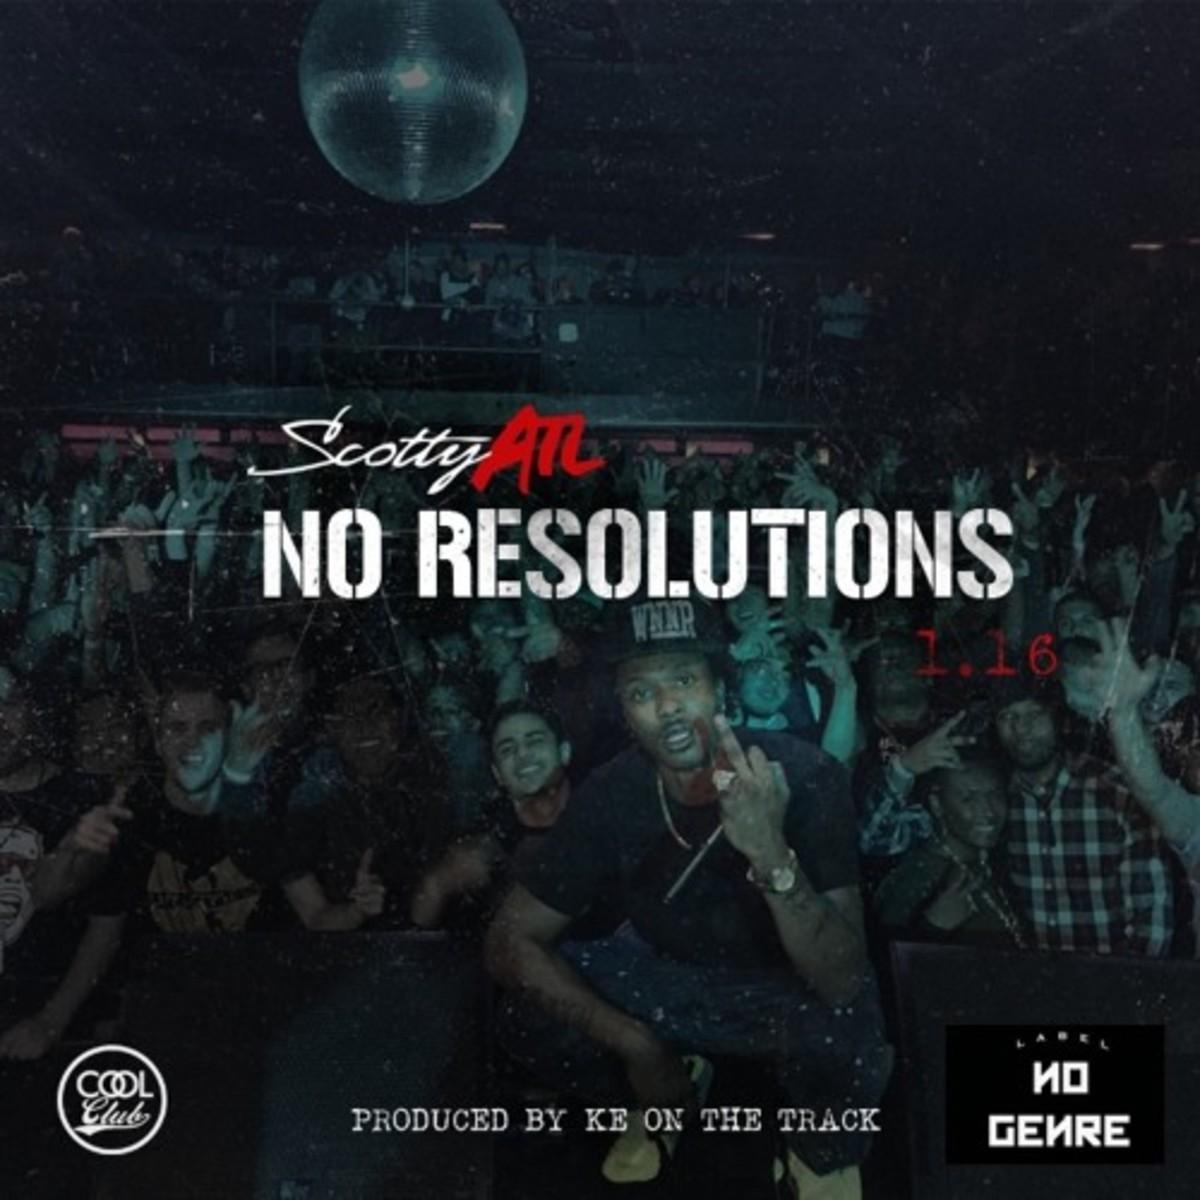 scotty-atl-no-resolutions.jpg